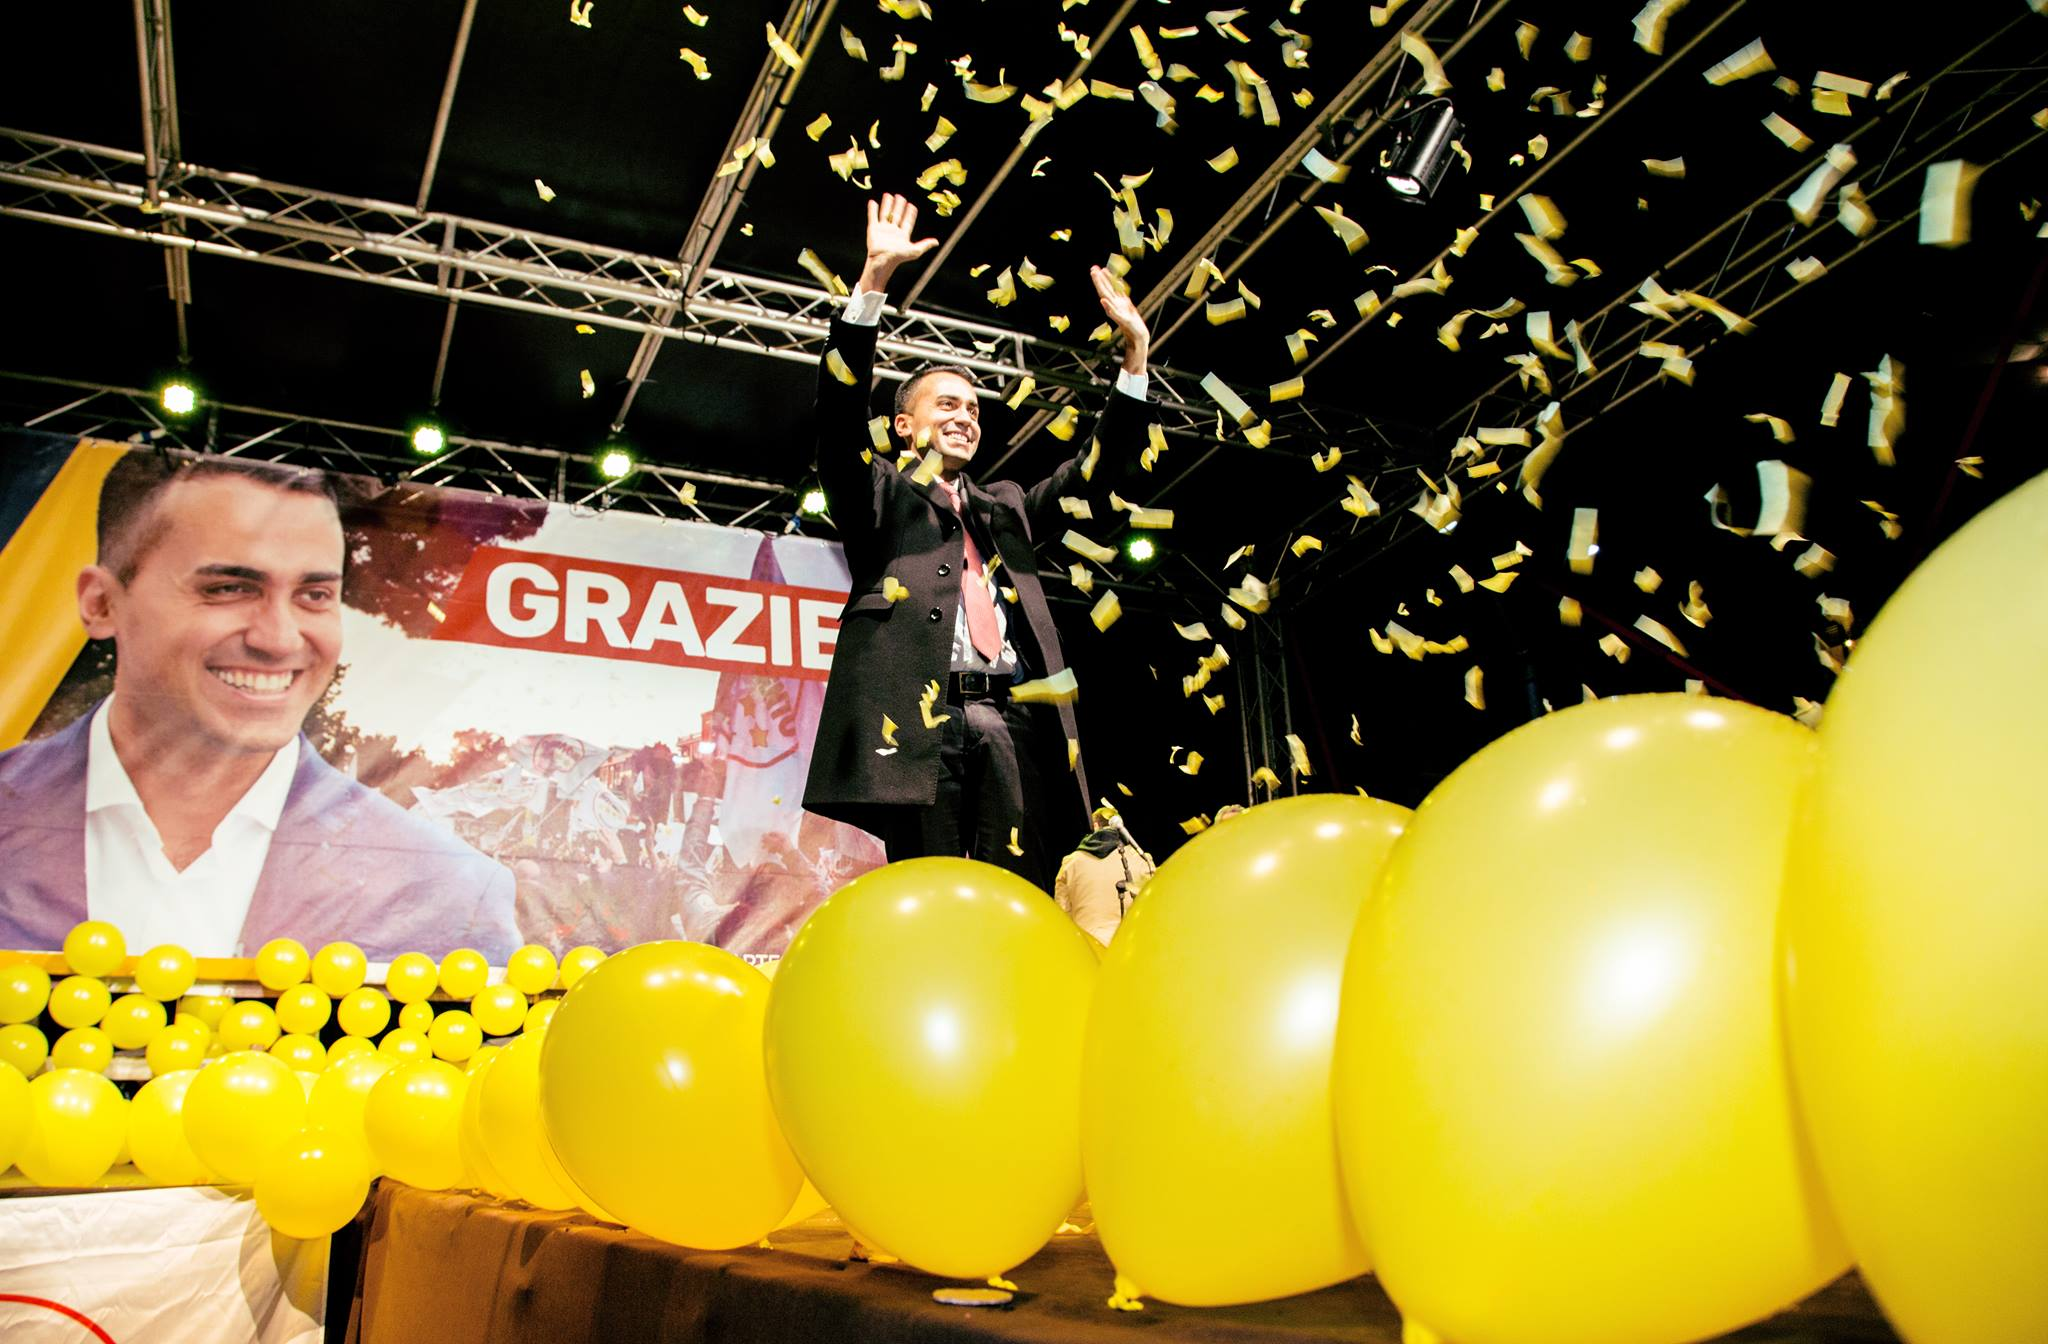 Ma cosa ha da festeggiare in discoteca il M5S dopo Corinaldo, Strasburgo e lo spread?